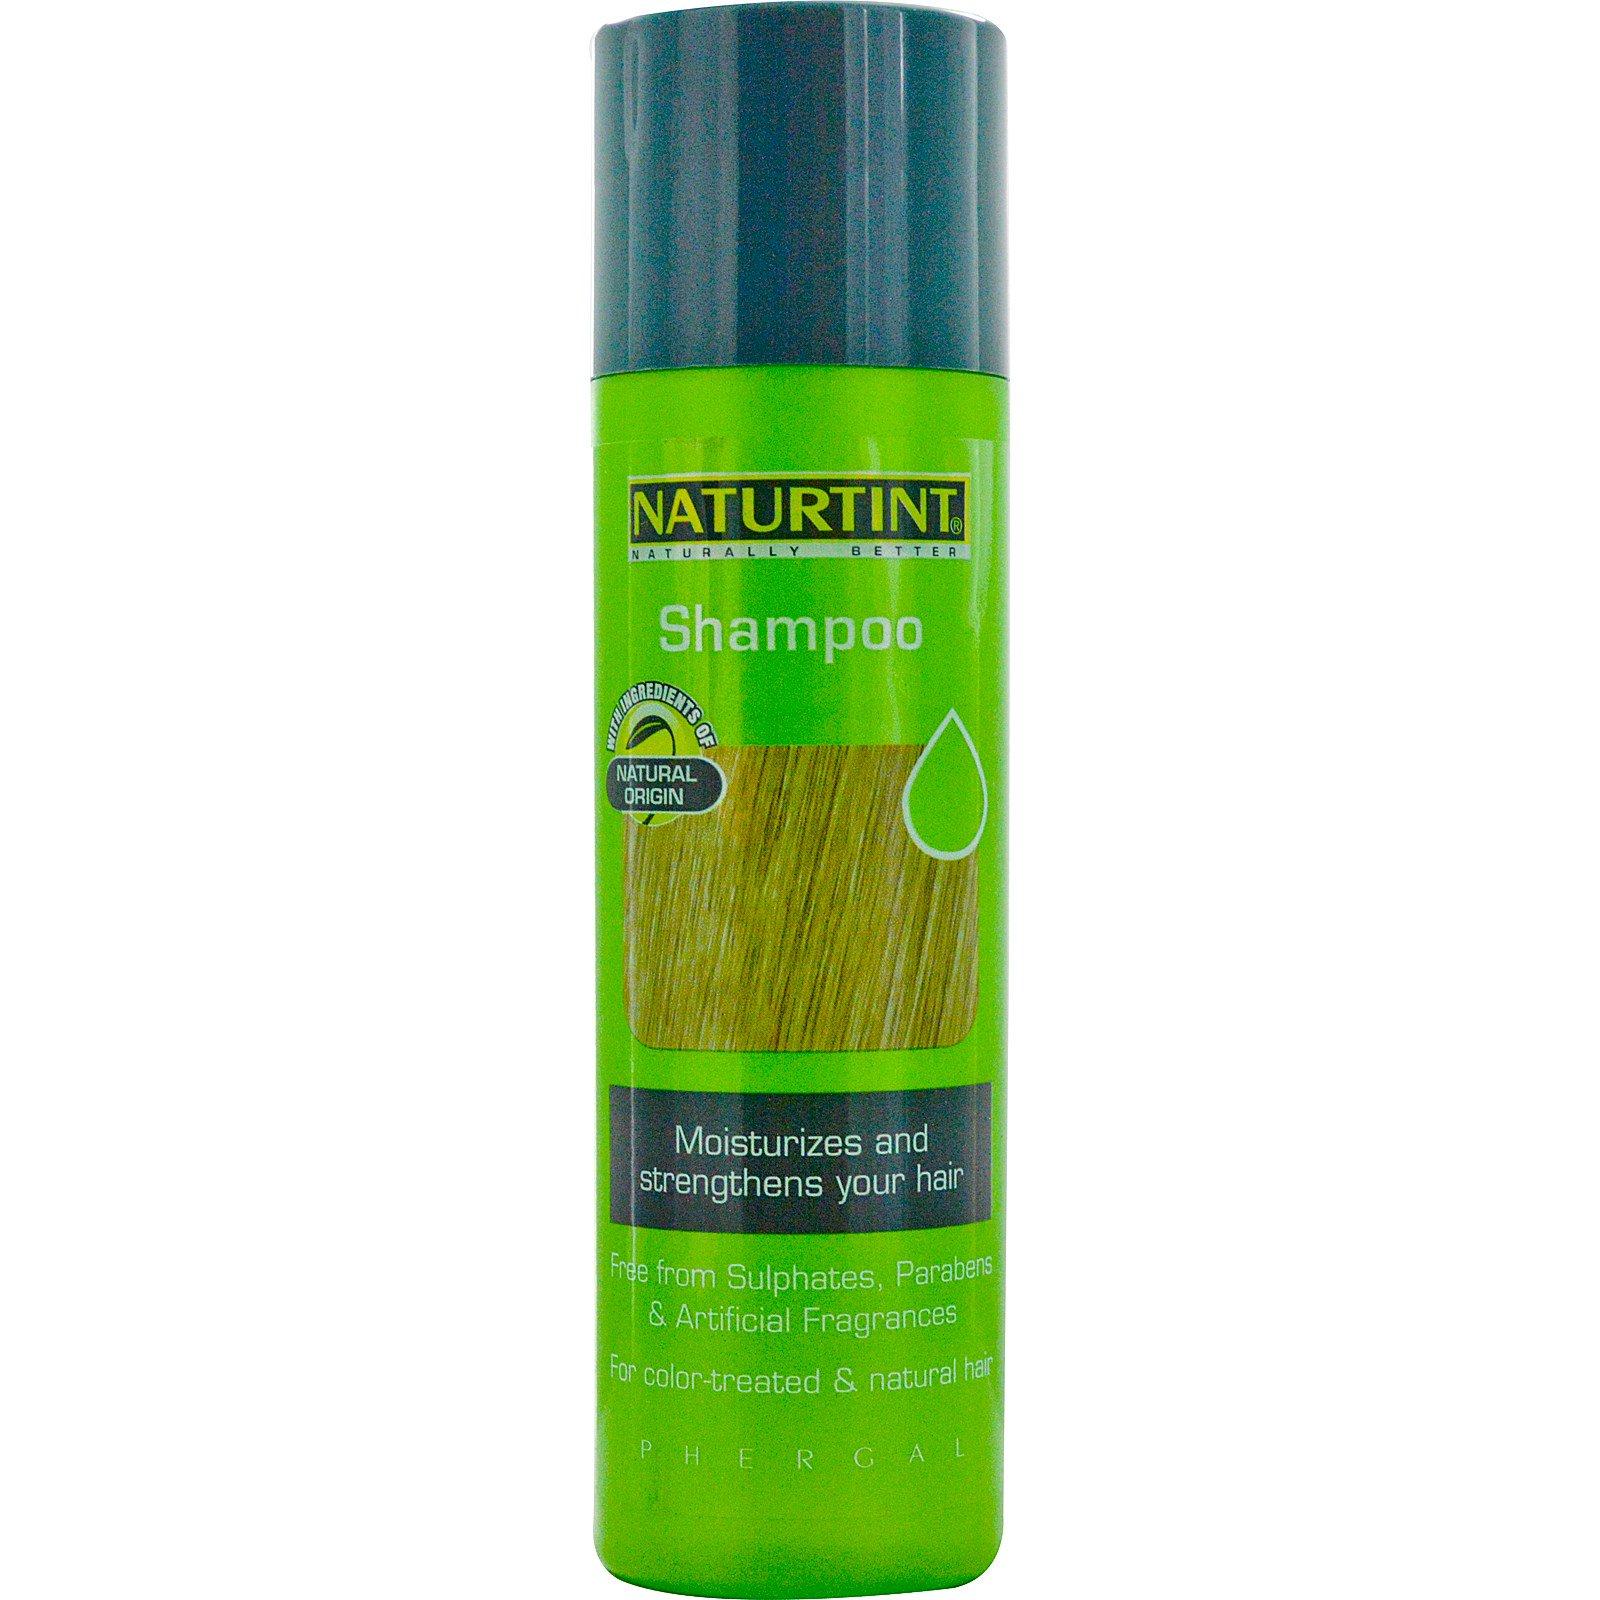 Naturtint, Шампунь, для окрашенных и натуральных волос, 150 мл (5,28 жидких унций)